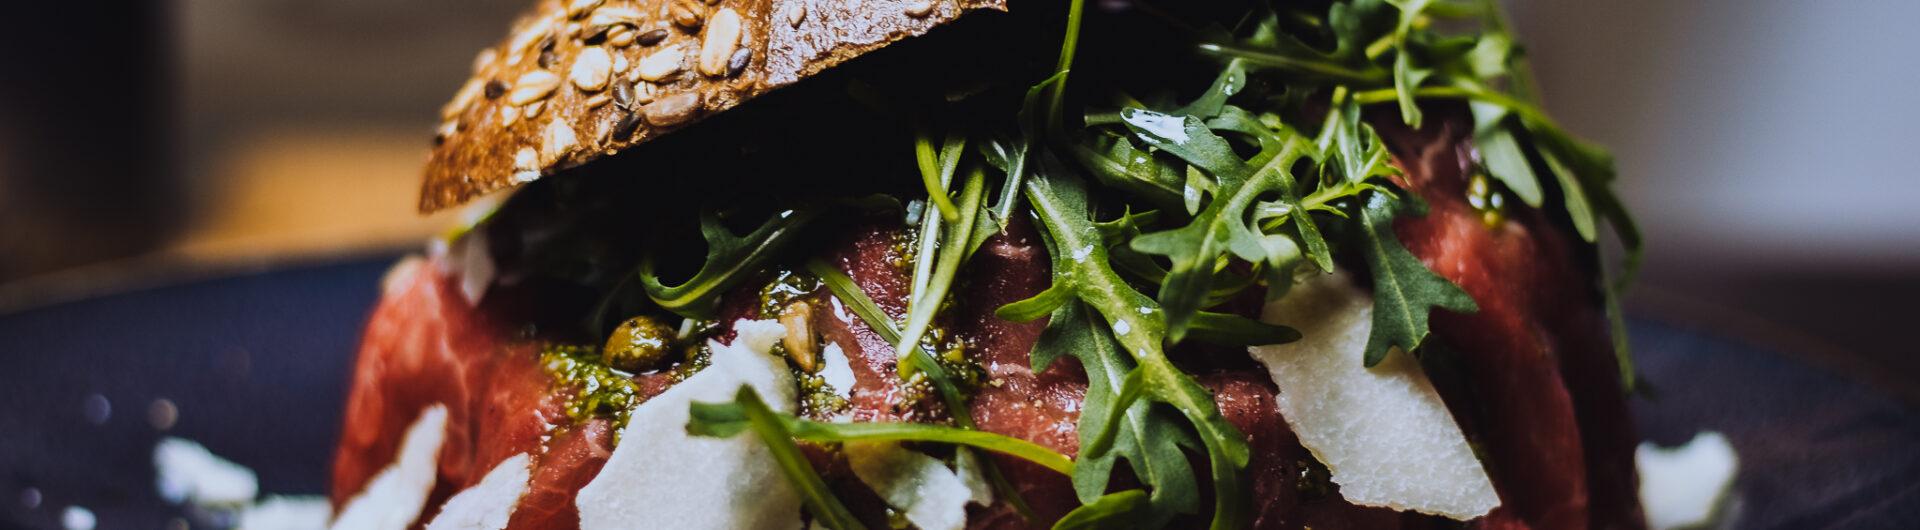 Broodje Carpaccio restaurant Bruis Blaricum